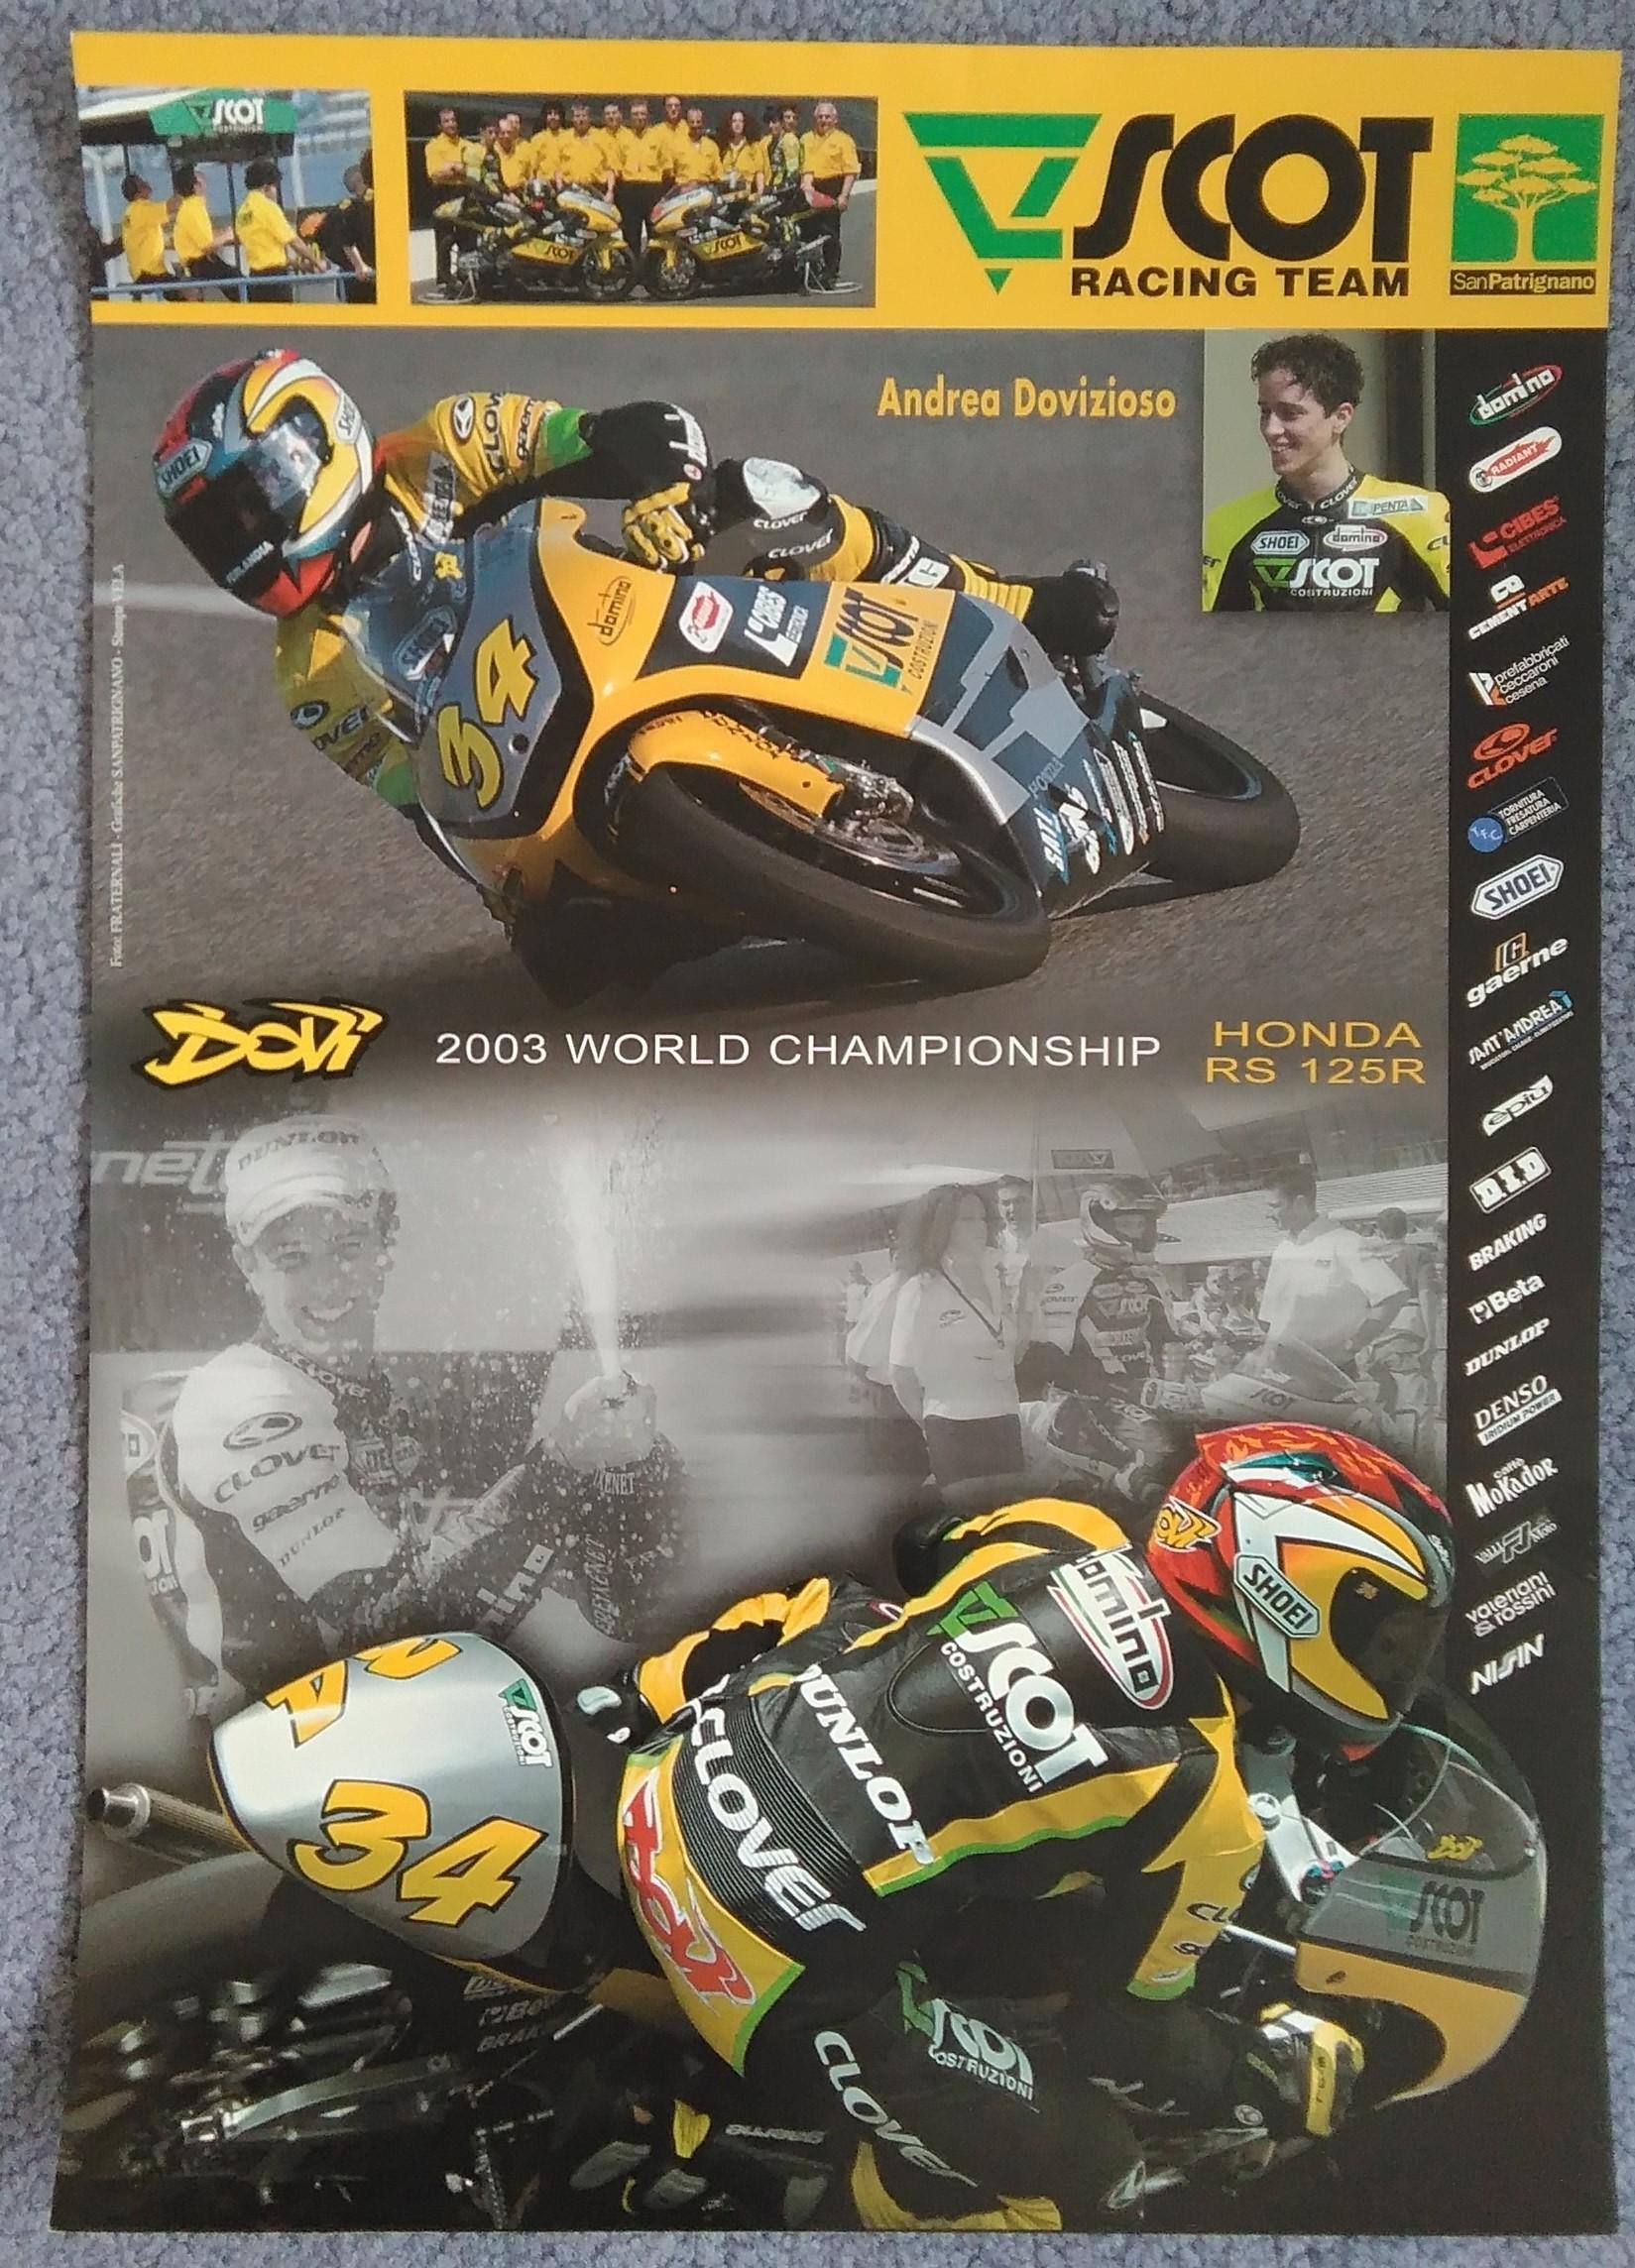 Andrea Dovizioso 125cc 2003